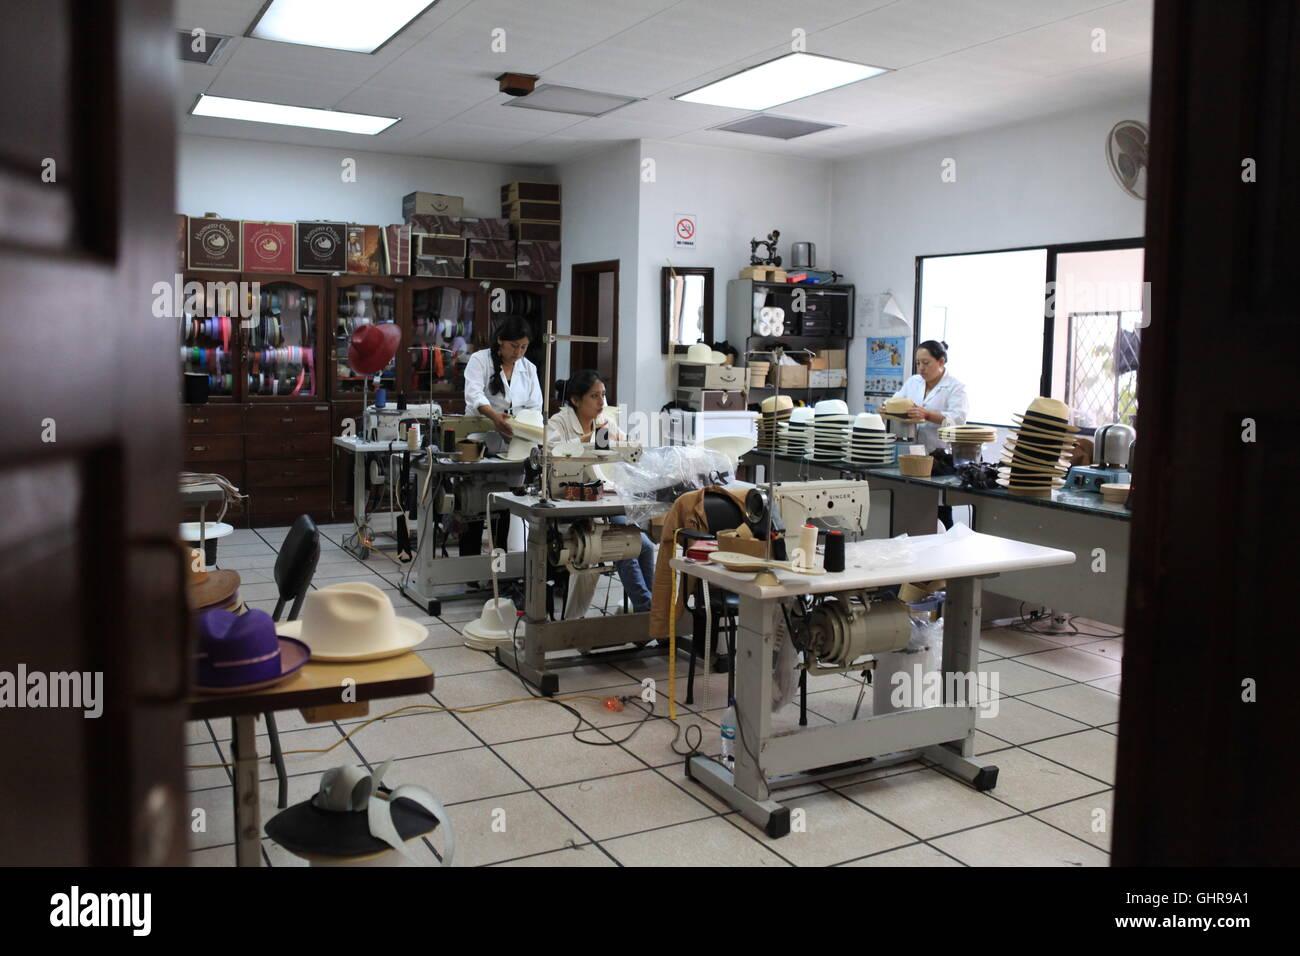 Las mujeres cosiendo los toques finales a los sombreros Panamá en Homero  Ortega 78037cad1a9